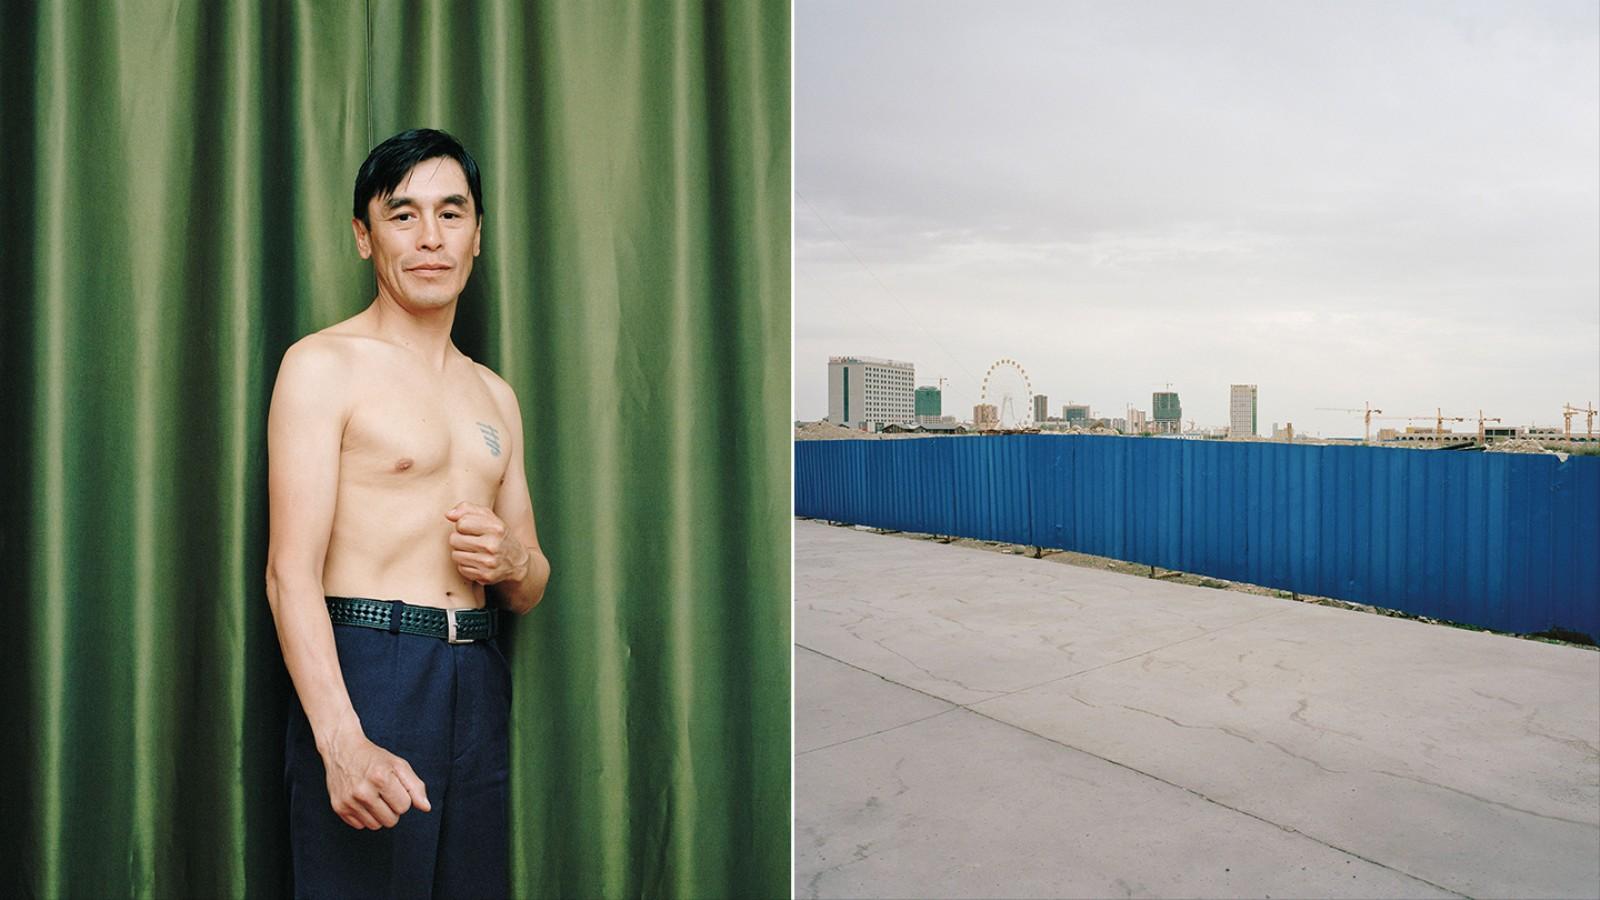 Khorgos, la nouvelle ville industrielle perdue dans la steppe kazakhe